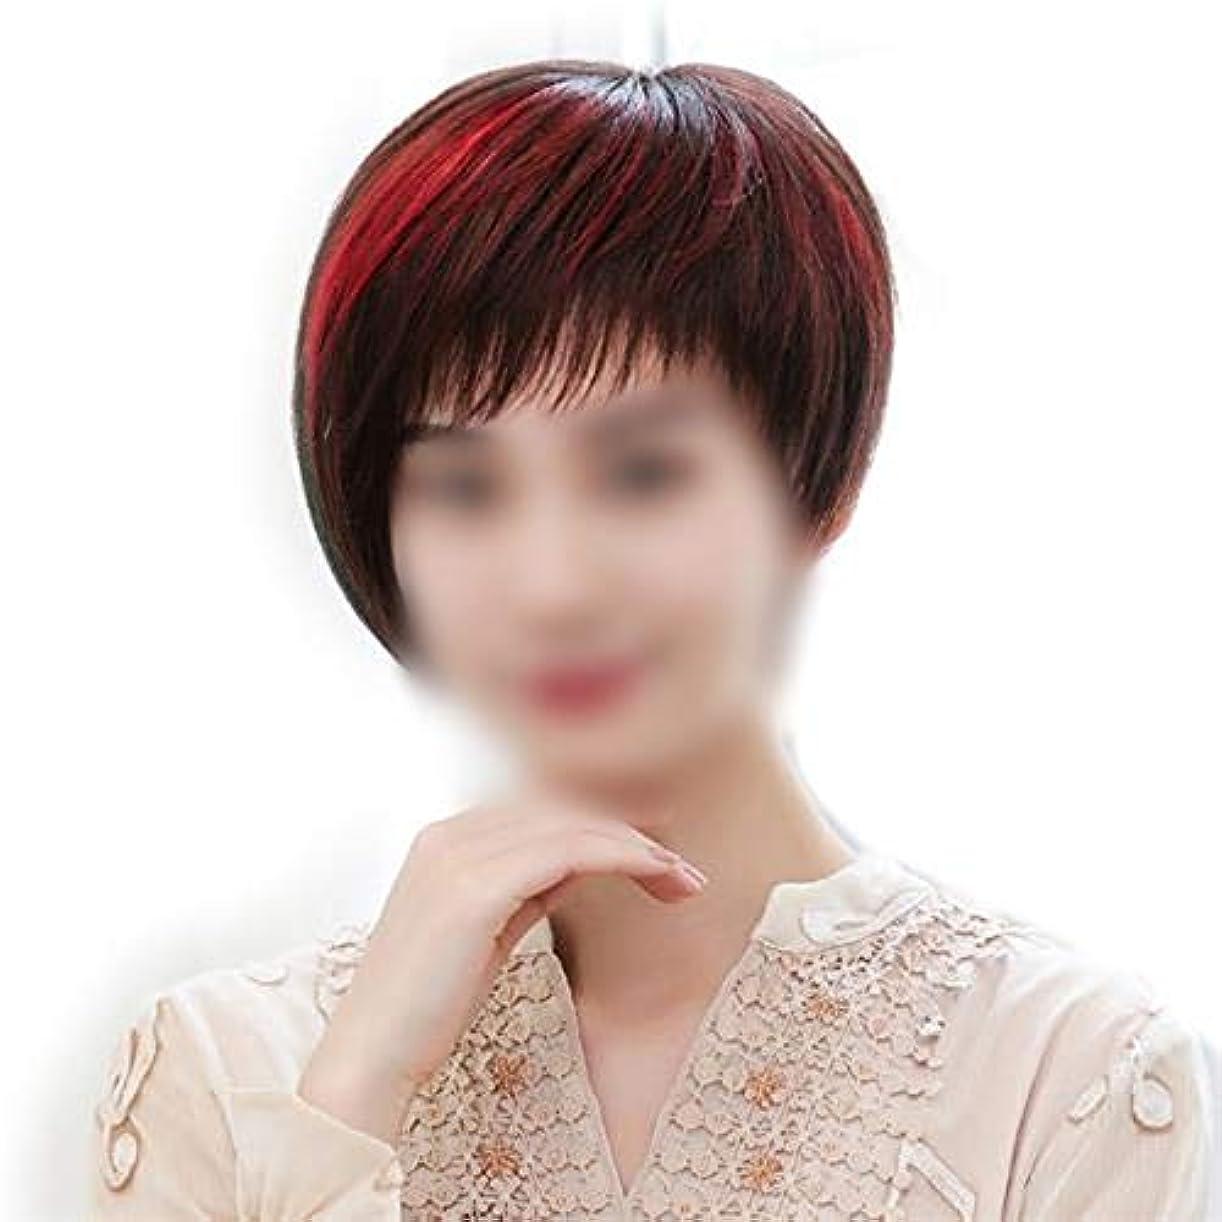 ひどい千描写YOUQIU ナチュラルブラックハイライトレッドボブウィッグショートストレート髪レアル髪ハンサムハンド織ウィッグウィッグ (色 : Natural black)